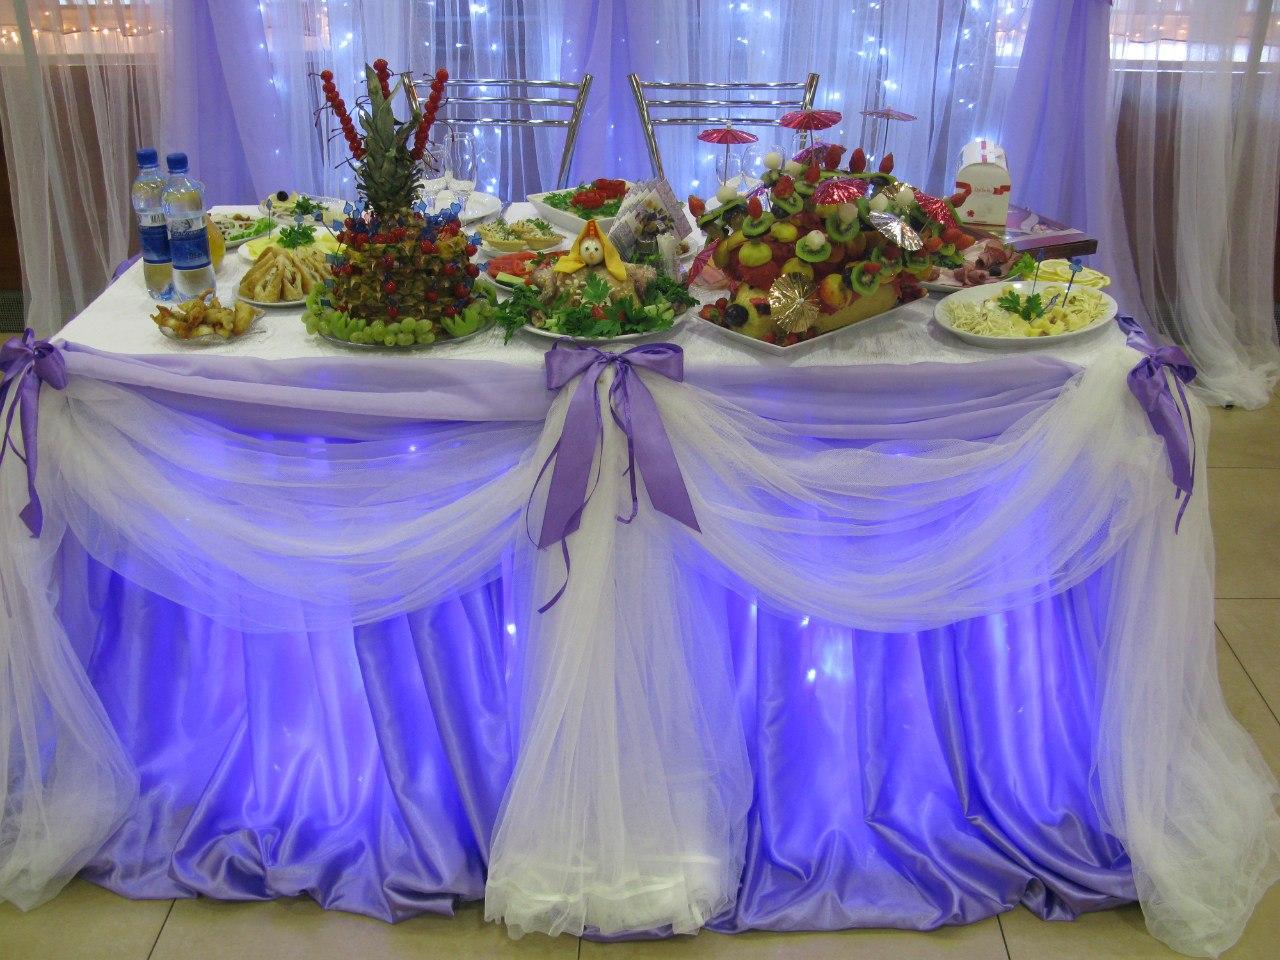 Оформление свадьбы: украшаем свадьбу тюлем